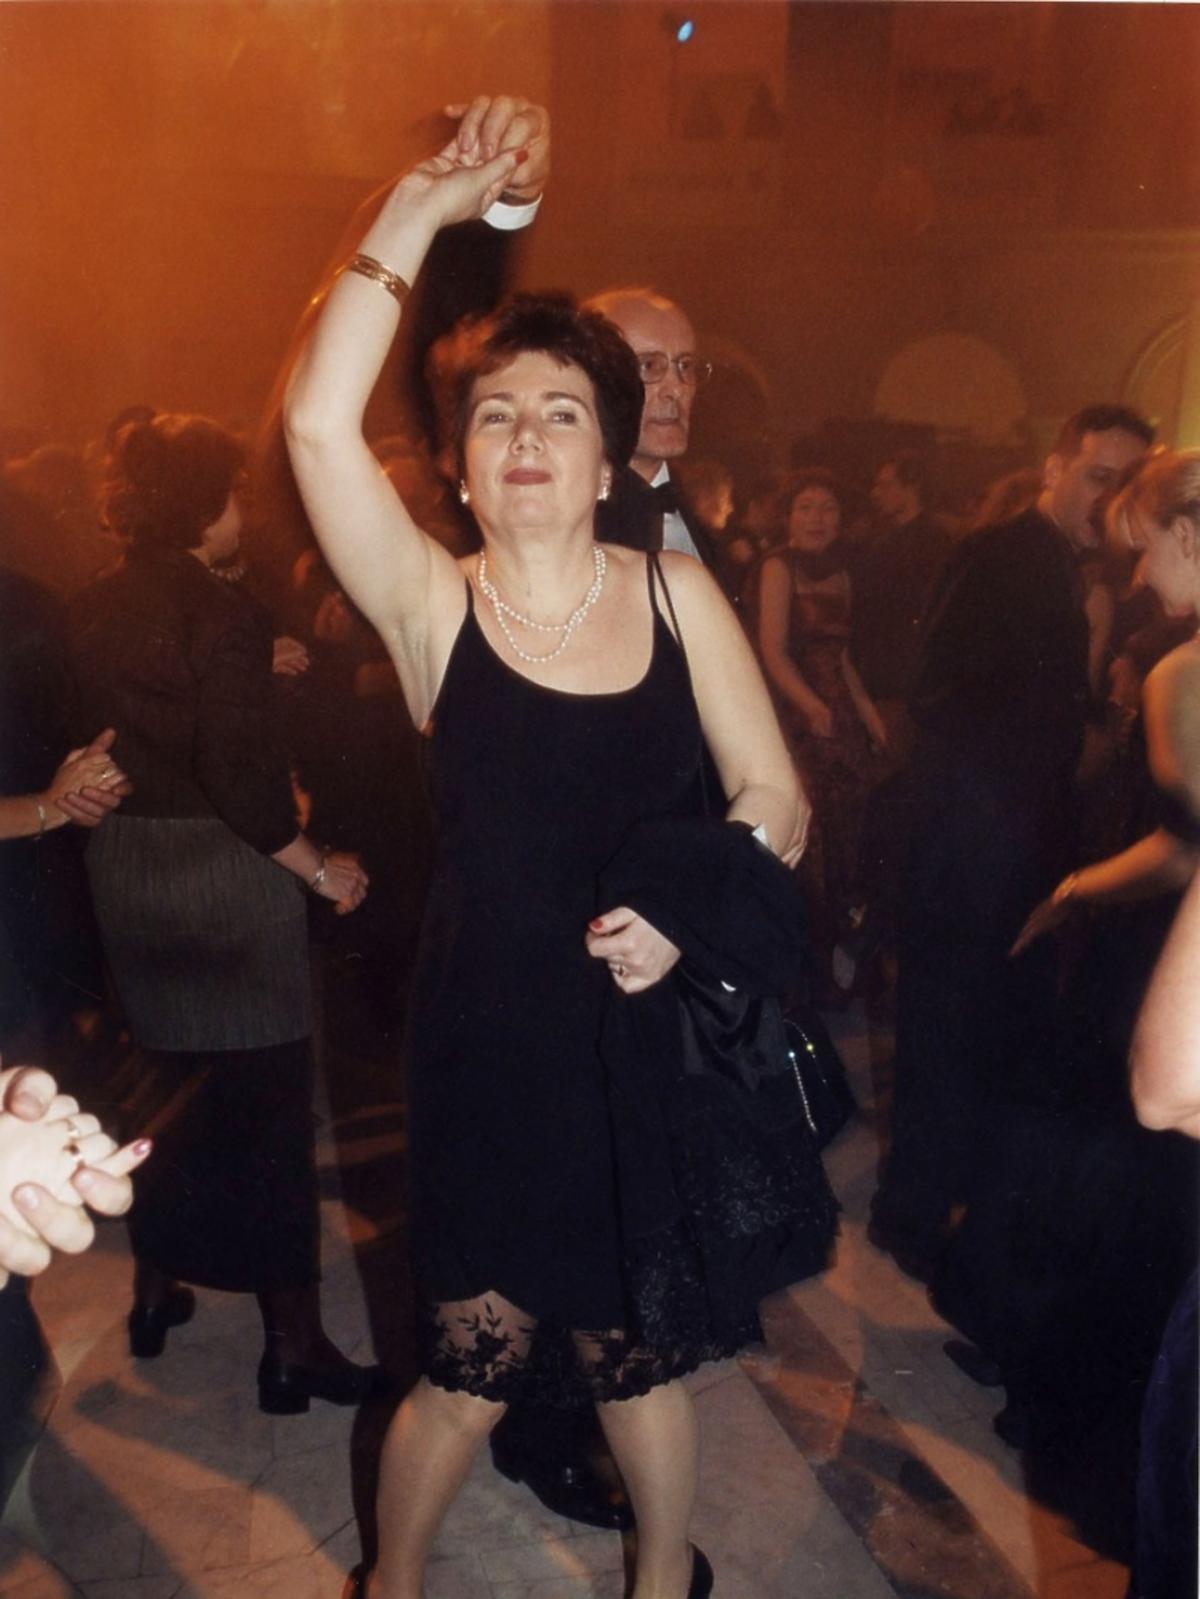 Hanna Gronkiewicz-Waltz w czarnej sukience tańczy z mężem podczas Charytatywnego Balu Dziennikarzy w Auli Politechniki Warszawskiej